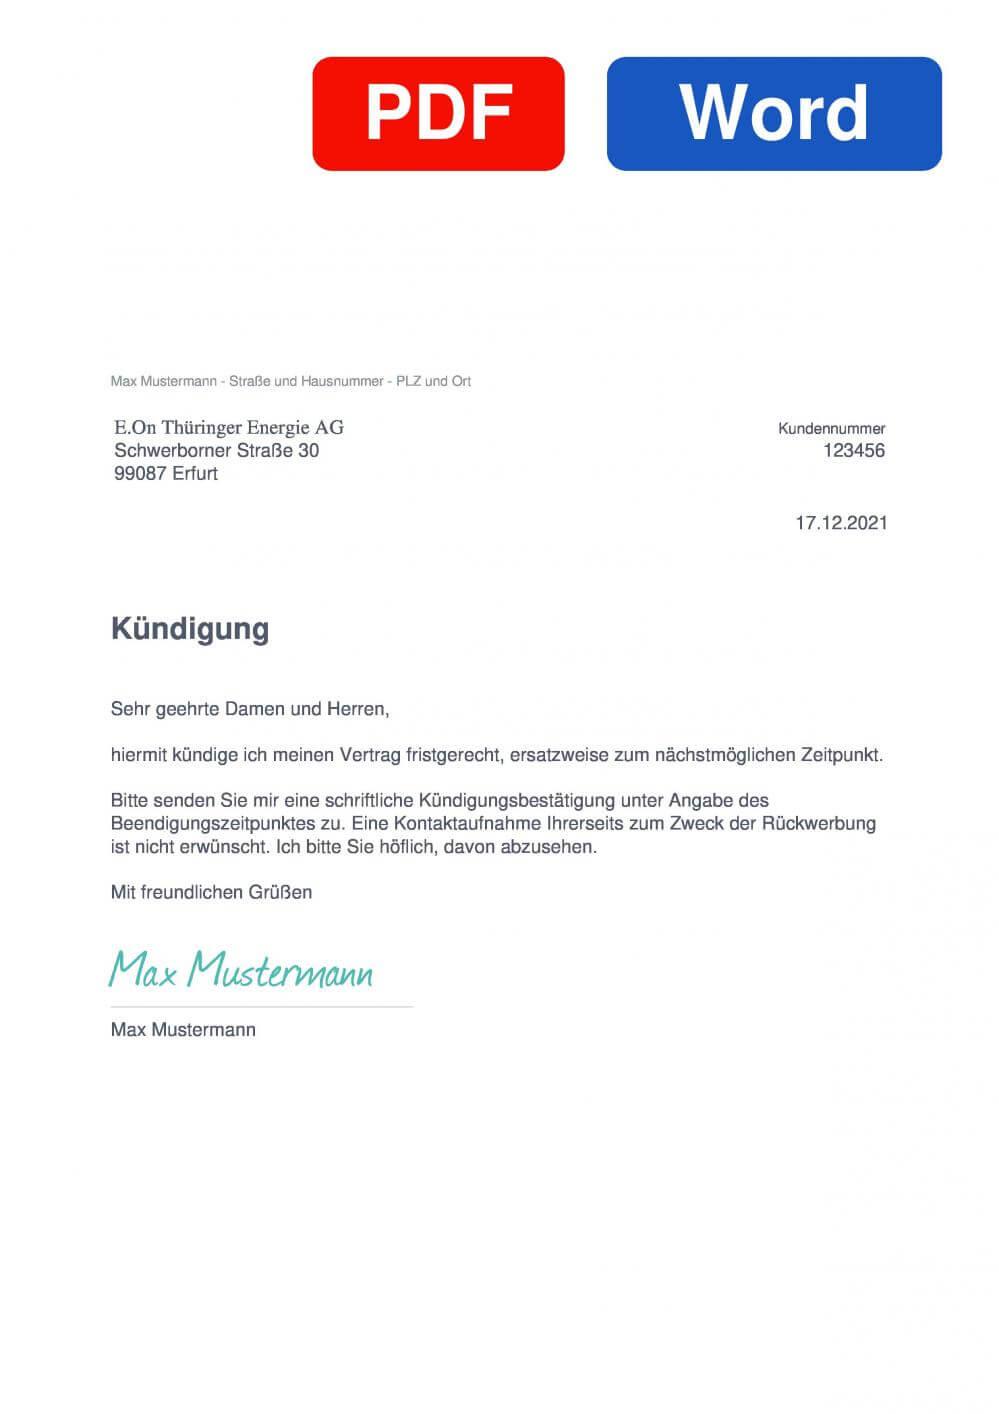 E.ON Thüringer Energie Muster Vorlage für Kündigungsschreiben